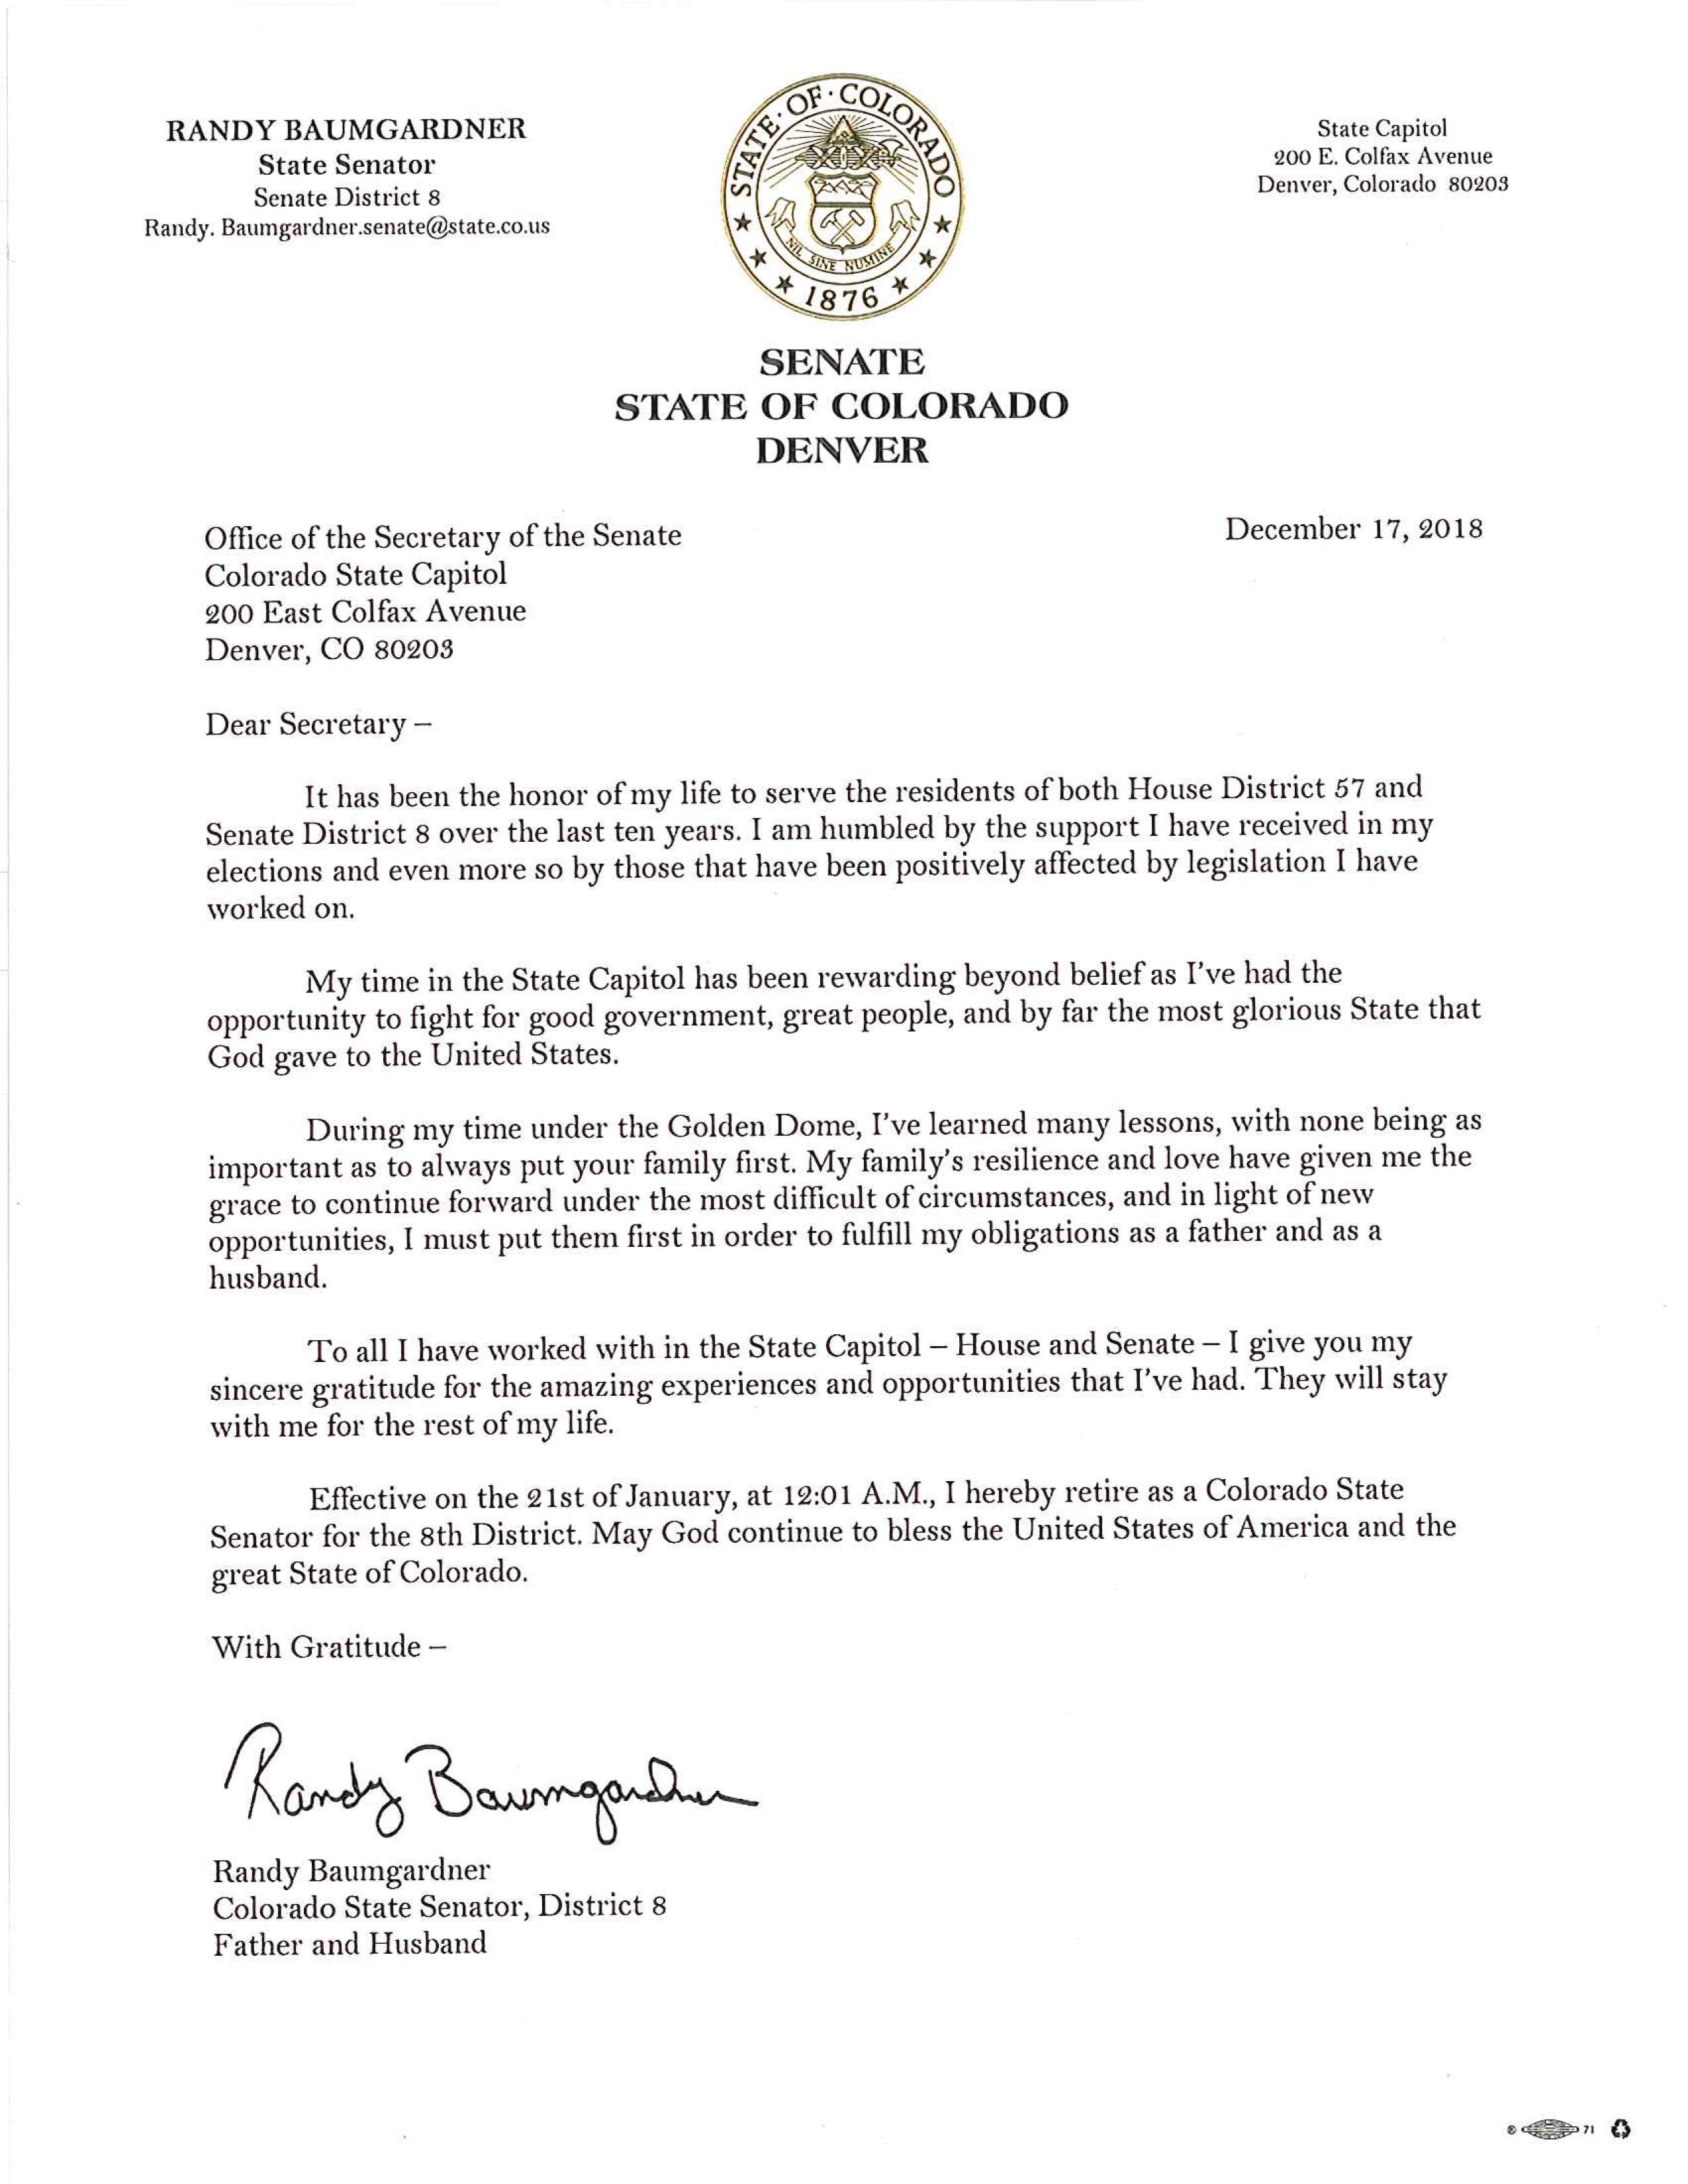 Colorado Peak Politics | Baumgardner Resignation Letter